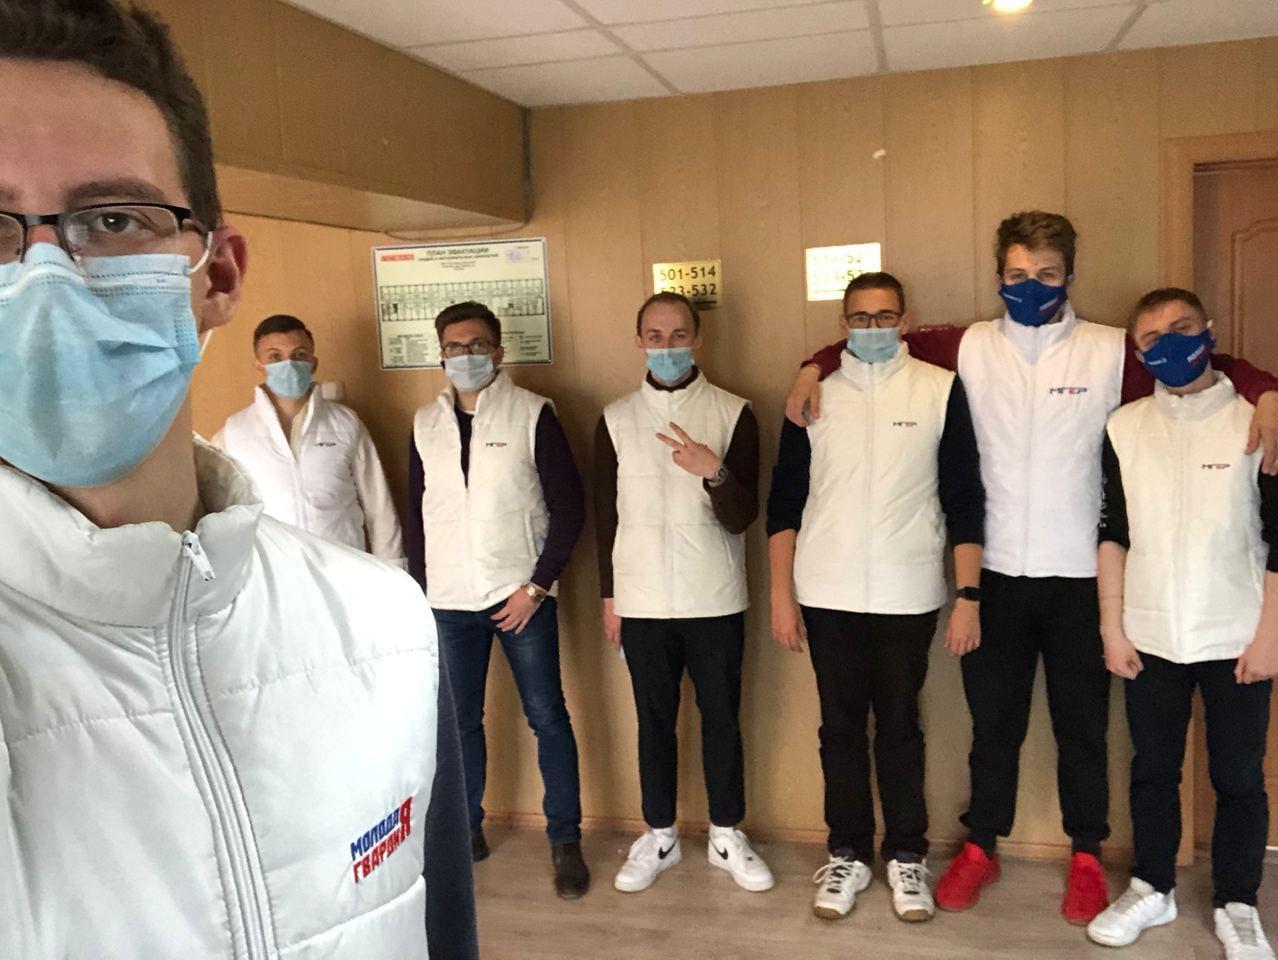 Коломенский волонтерский штаб принимает заявки на помощь добровольцев